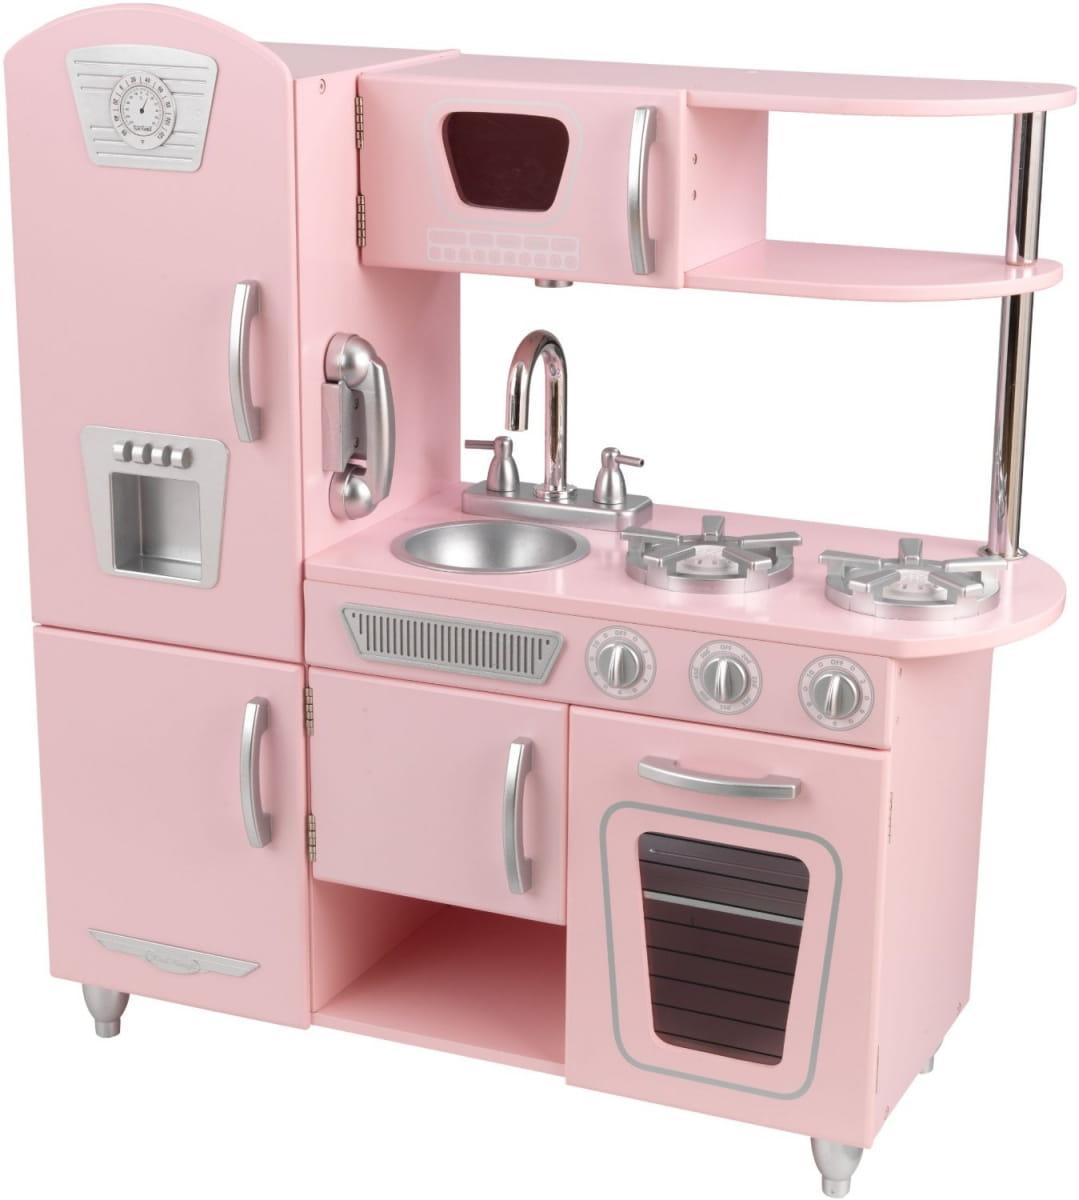 Купить Детская кухня Kidkraft Винтаж Vintage (розовая) в интернет магазине игрушек и детских товаров